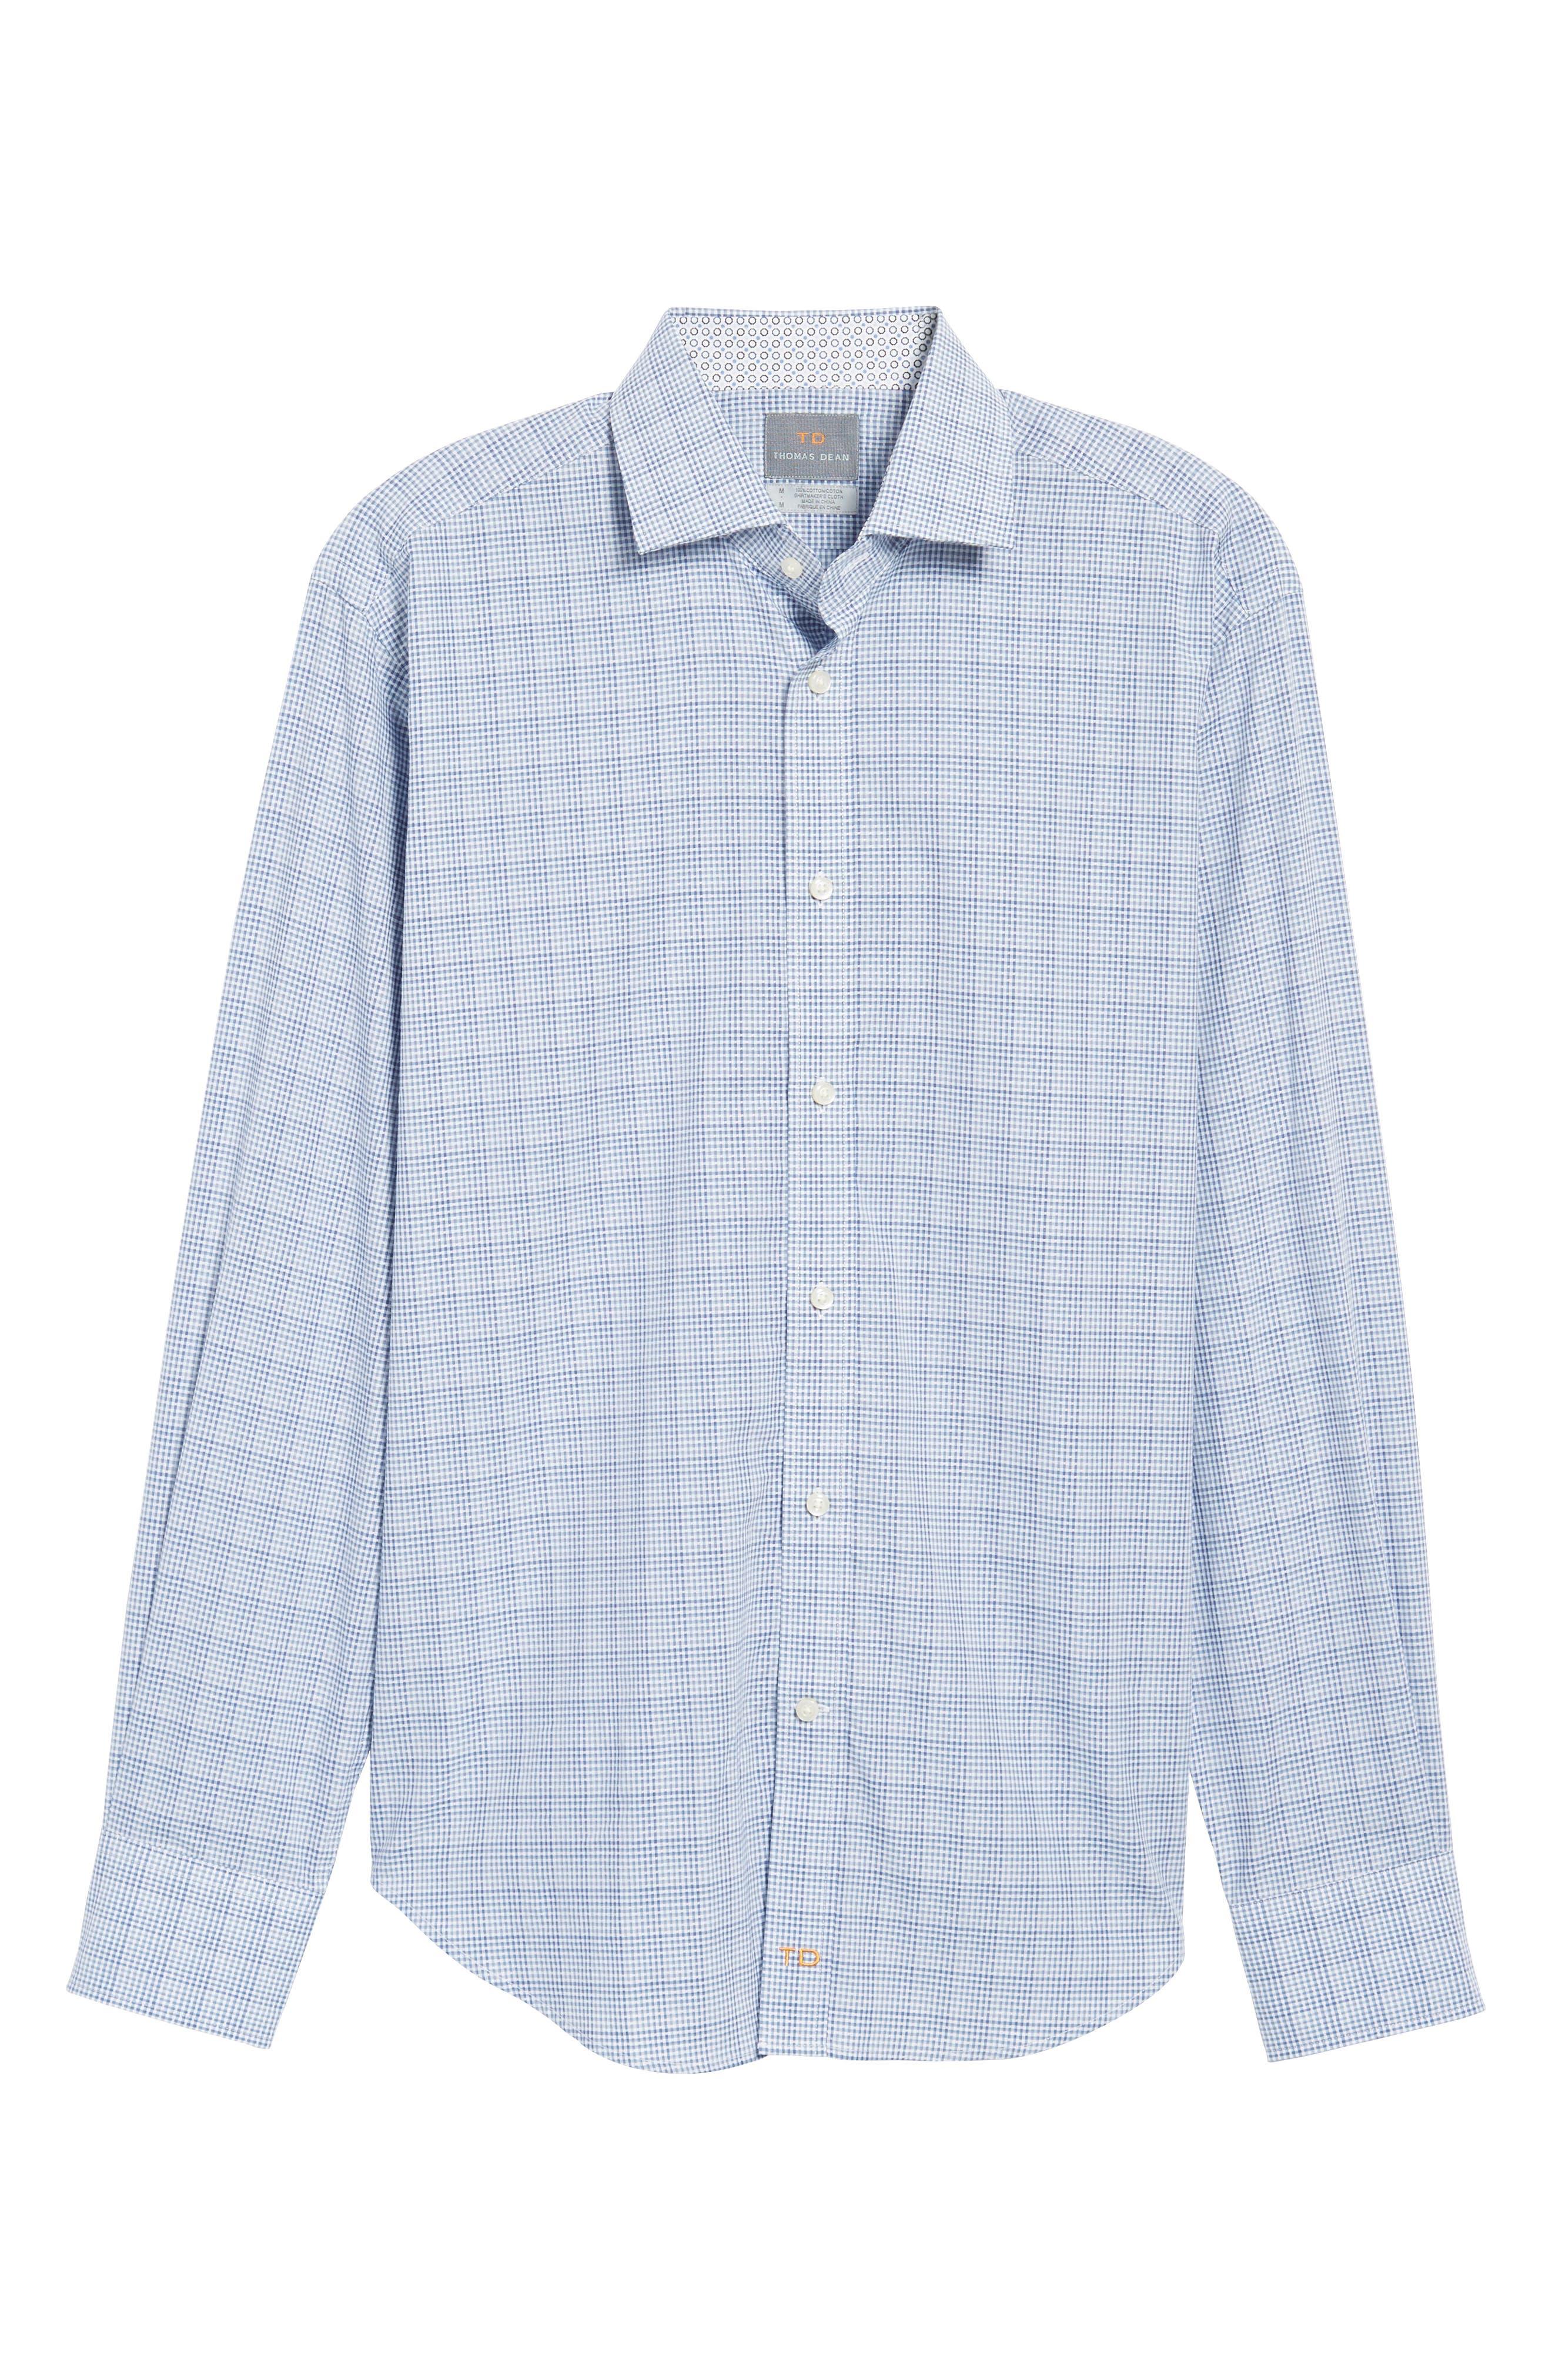 Regular Fit Dobby Check Sport Shirt,                             Alternate thumbnail 6, color,                             400